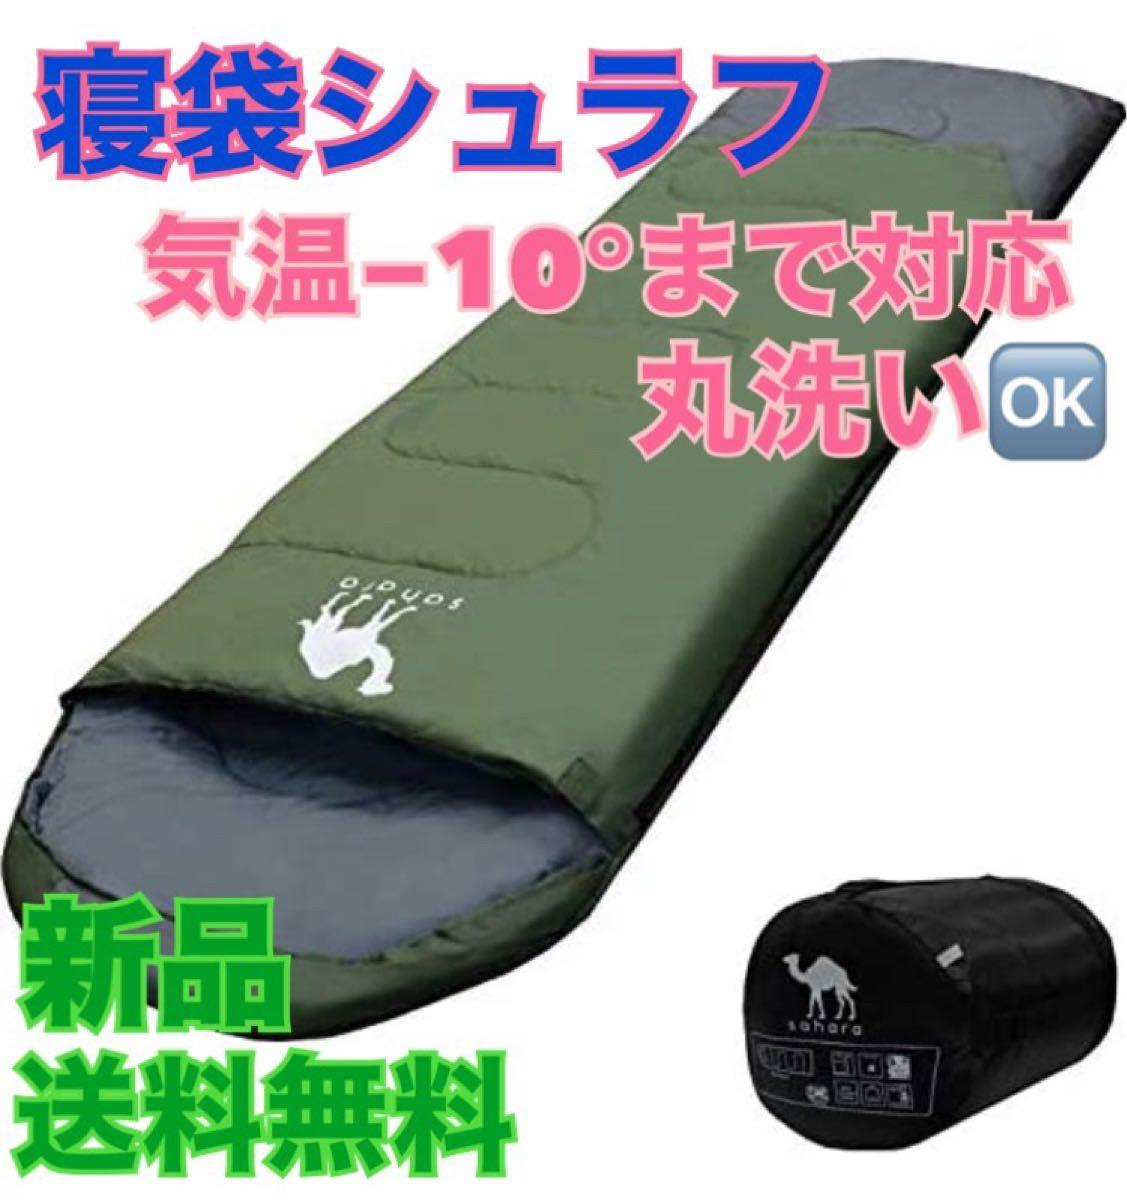 新品☆寝袋 スリーピングバッグ -10℃ 寝袋シュラフ 封筒型 キャンプ お泊まり アウトドア 車中泊 防災